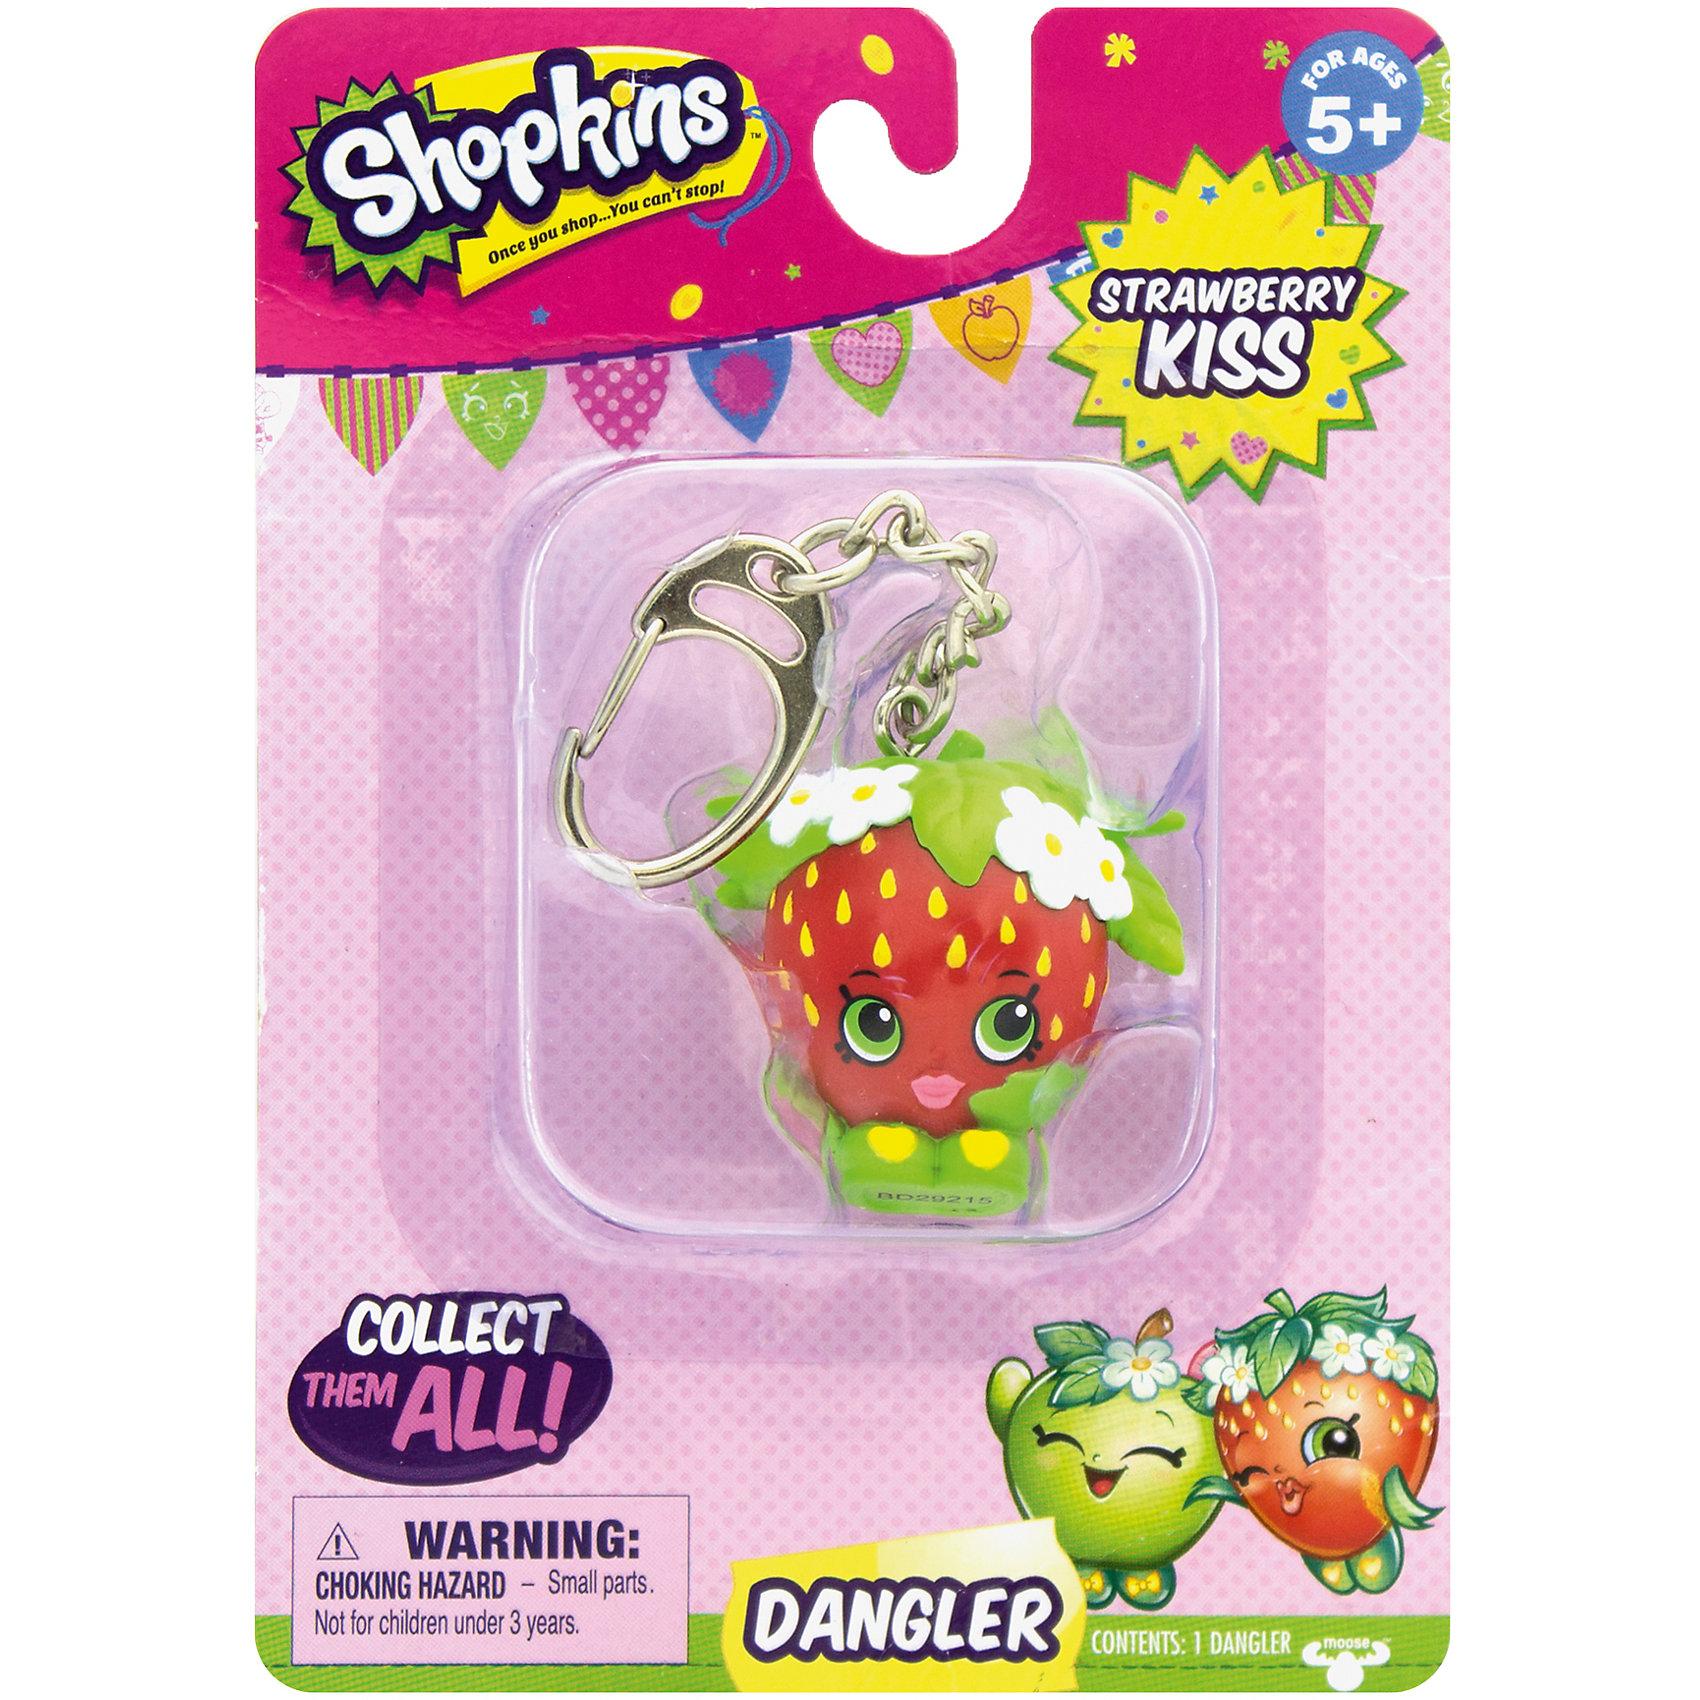 Брелок Strawberry Kiss, ShopkinsИгрушечные продукты питания<br>Брелок Strawberry Kiss, Shopkins – этот яркий, модный брелок станет отличным подарком для вашей девочки.<br>Компания Shopkins специально для маленьких модниц выпустила невероятно красивые брелоки! Брелок-клубничка Strawberry Kiss ярко-красного цвета с желтыми крапинками, выполнен в виде фигурки с зелеными глазами. Стоит клубничка на зеленых башмачках, украшенных желтыми сердечками. Голова покрыта зеленым листиком с цветочками. На такой брелок девочке будет приятно повесить свои ключи, также его можно просто повесить на рюкзак и он будет радовать ее своим видом. Брелок выполнен из безопасного для детей материала.<br><br>Дополнительная информация:<br><br>- Вид замка: карабин<br>- Материал: пластмасса, металл<br>- Размер упаковки: 10,8 ? 3,8 ? 15,2 см.<br><br>Брелок Strawberry Kiss, Shopkins можно купить в нашем интернет-магазине.<br><br>Ширина мм: 108<br>Глубина мм: 38<br>Высота мм: 153<br>Вес г: 50<br>Возраст от месяцев: 60<br>Возраст до месяцев: 192<br>Пол: Женский<br>Возраст: Детский<br>SKU: 4756893